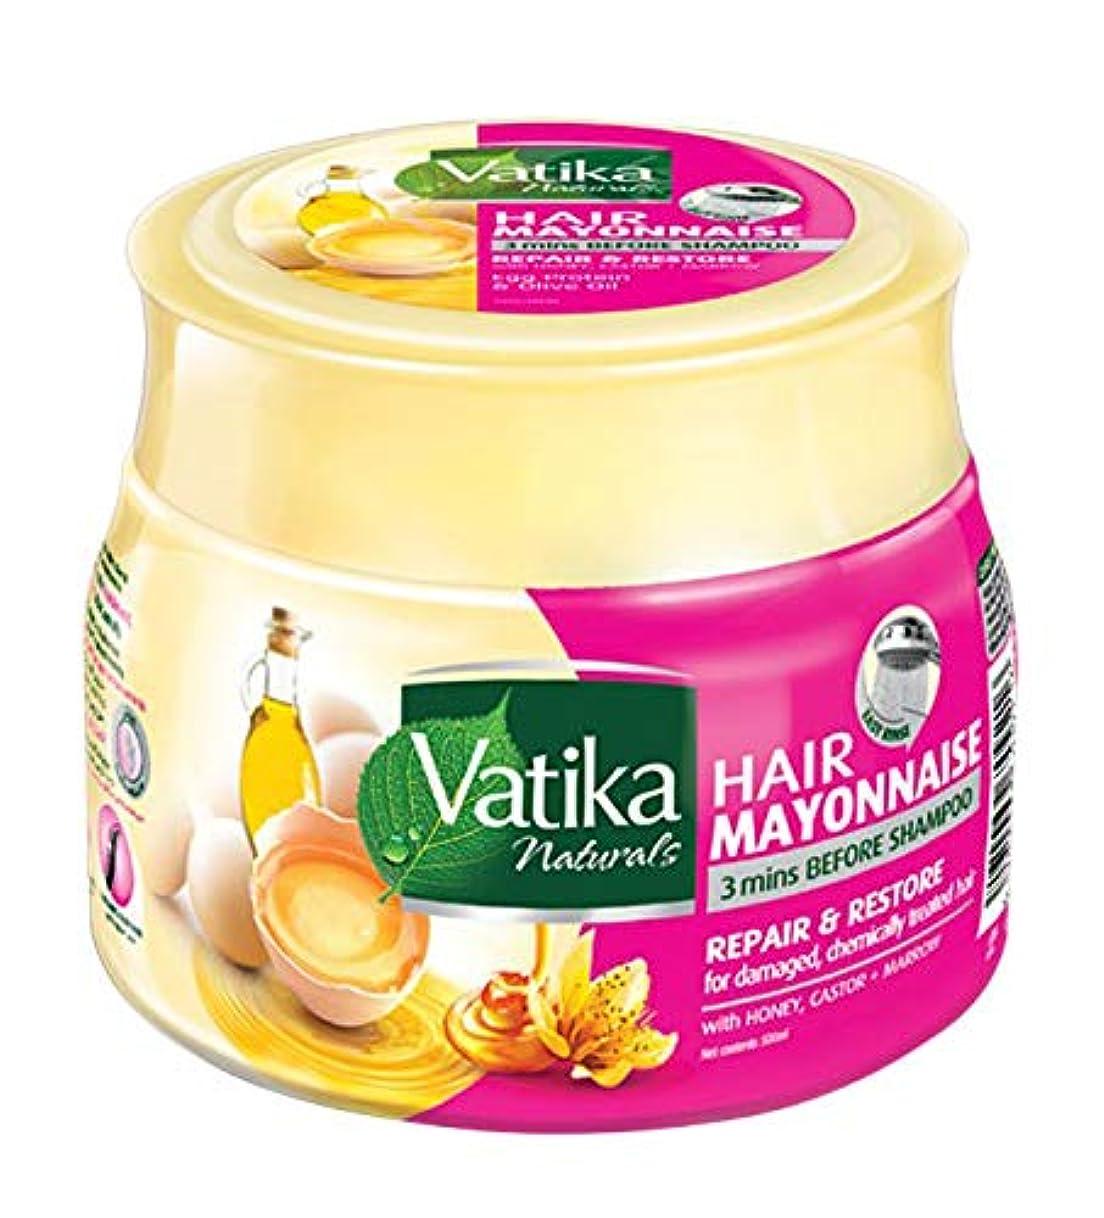 テナント広告主悲鳴Natural Vatika Hair Mayonnaise Moisturizing 3 mins Before Shampoo 500 ml (Repair & Restore (Honey, Castor, Marrow))